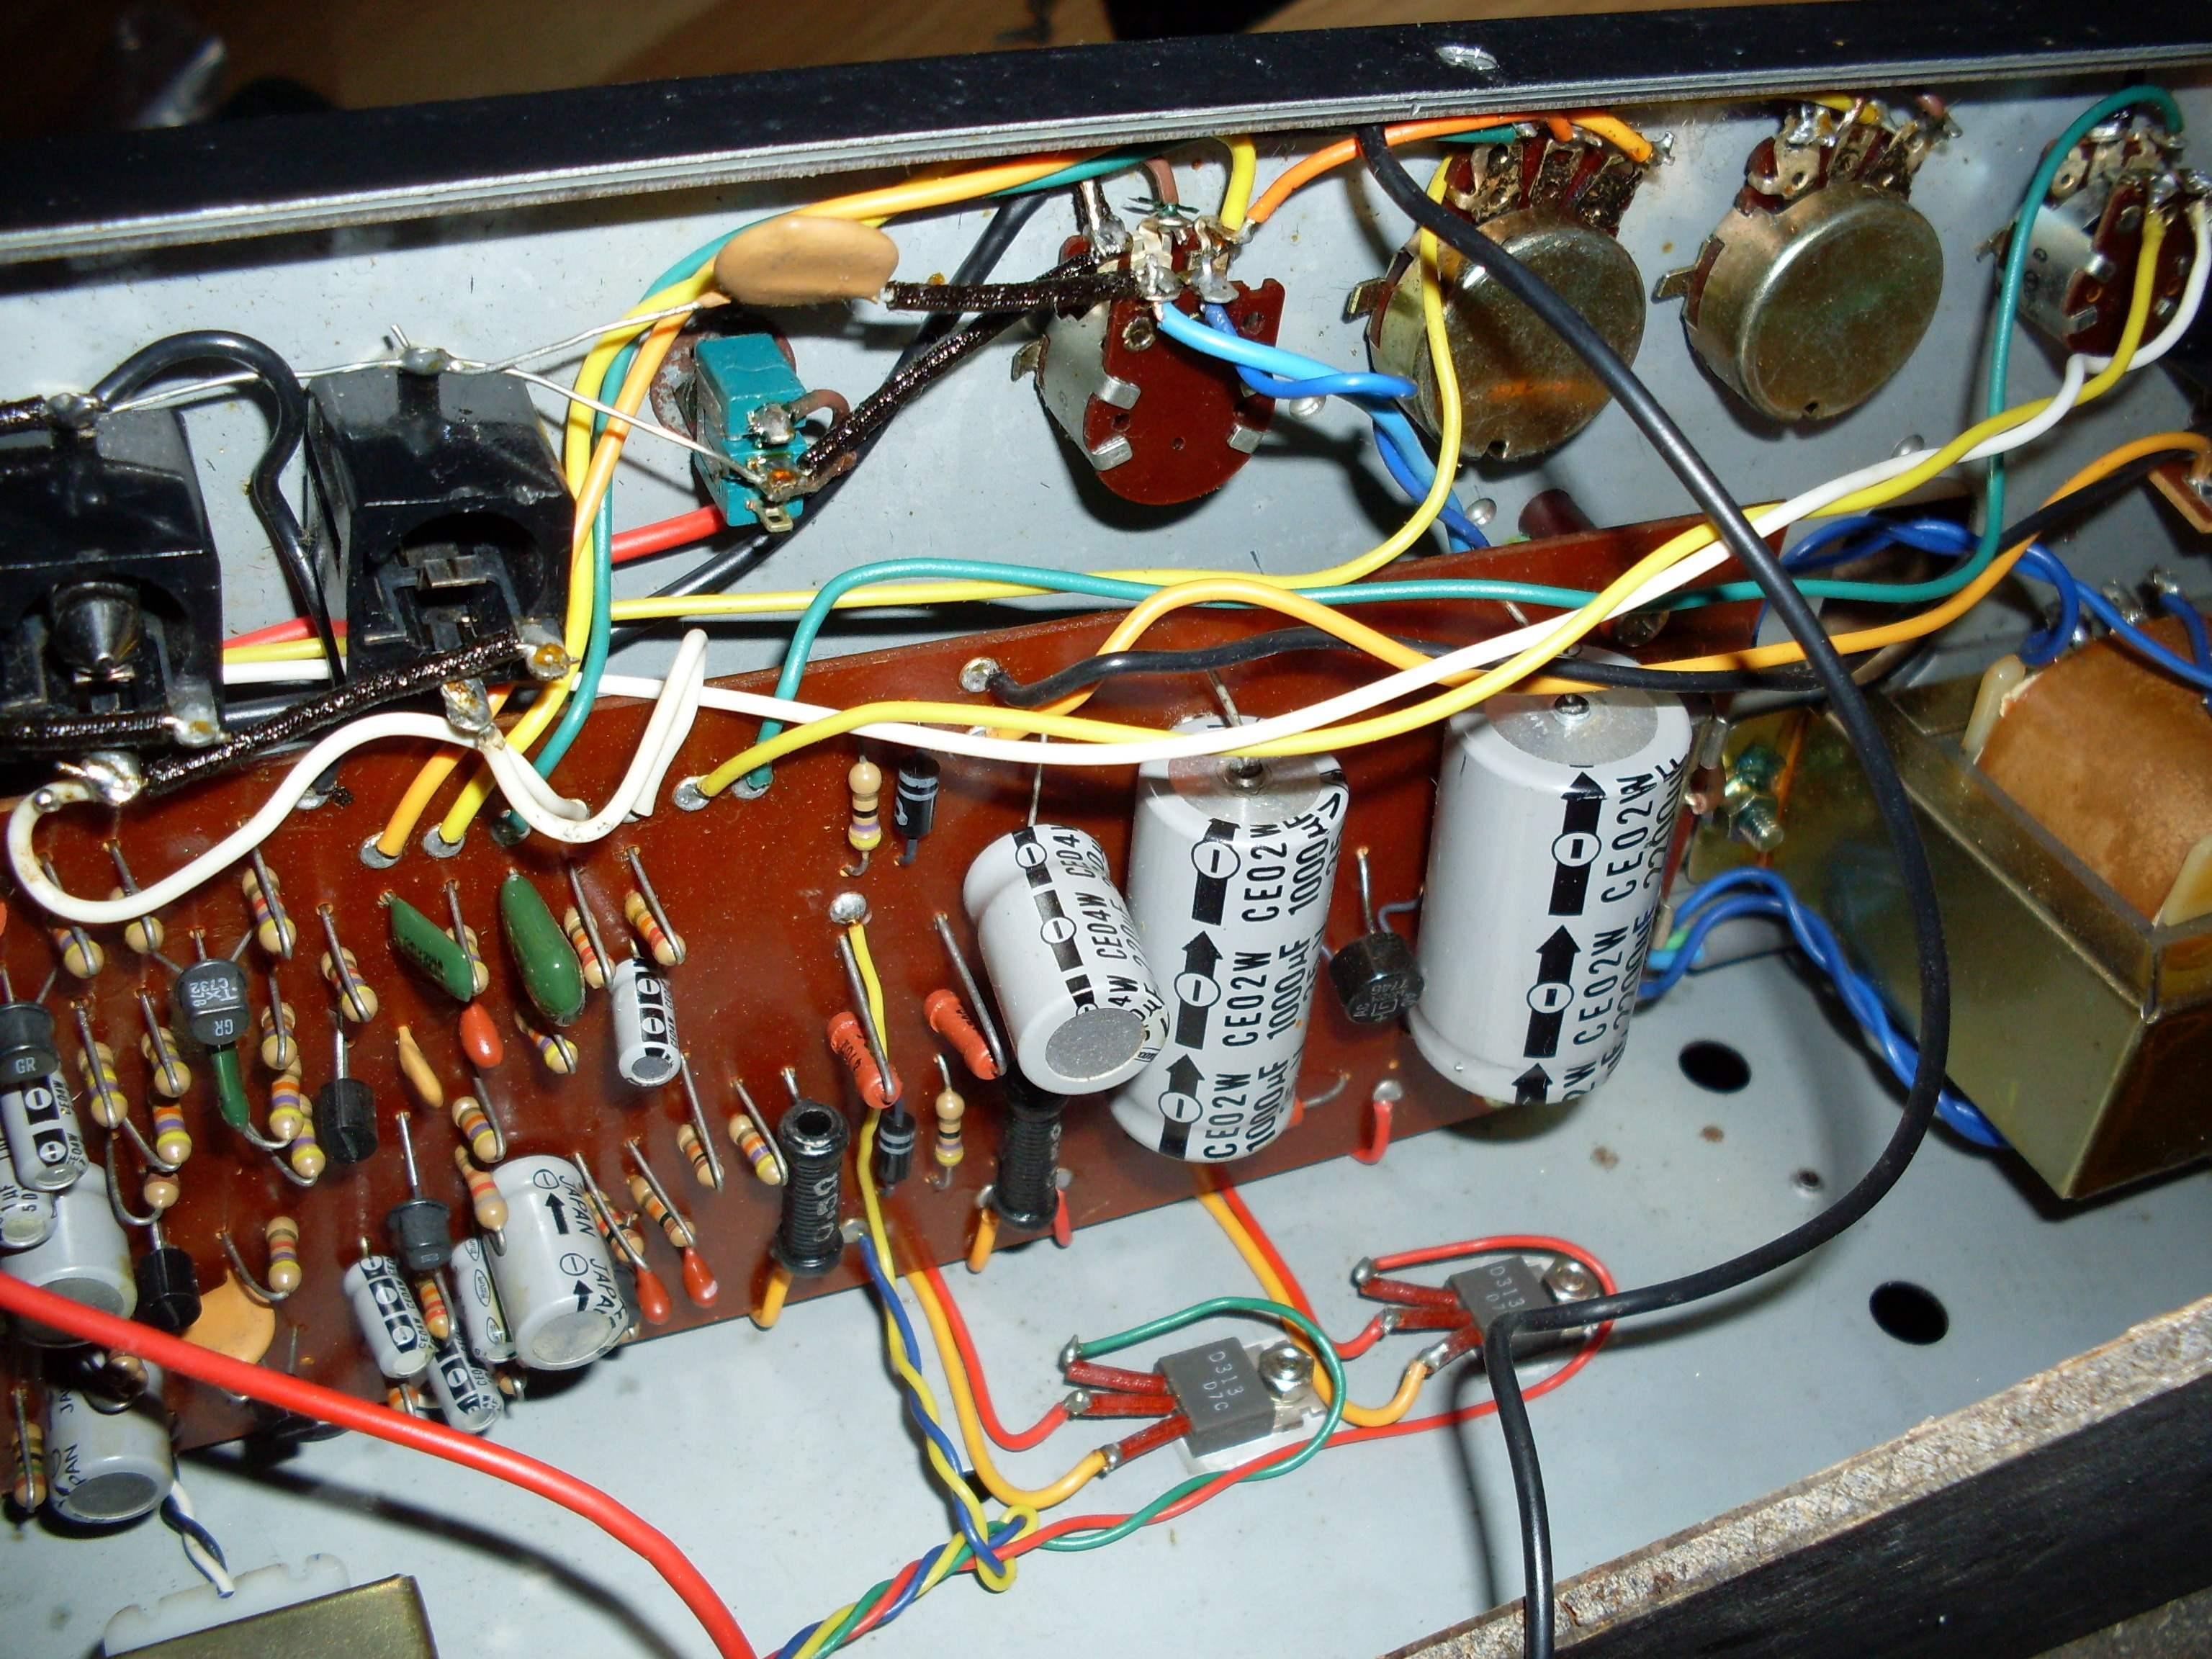 schemat /aukcje/Combo-Guyatone Guyatone-380-front-electronic-pcb.jpg